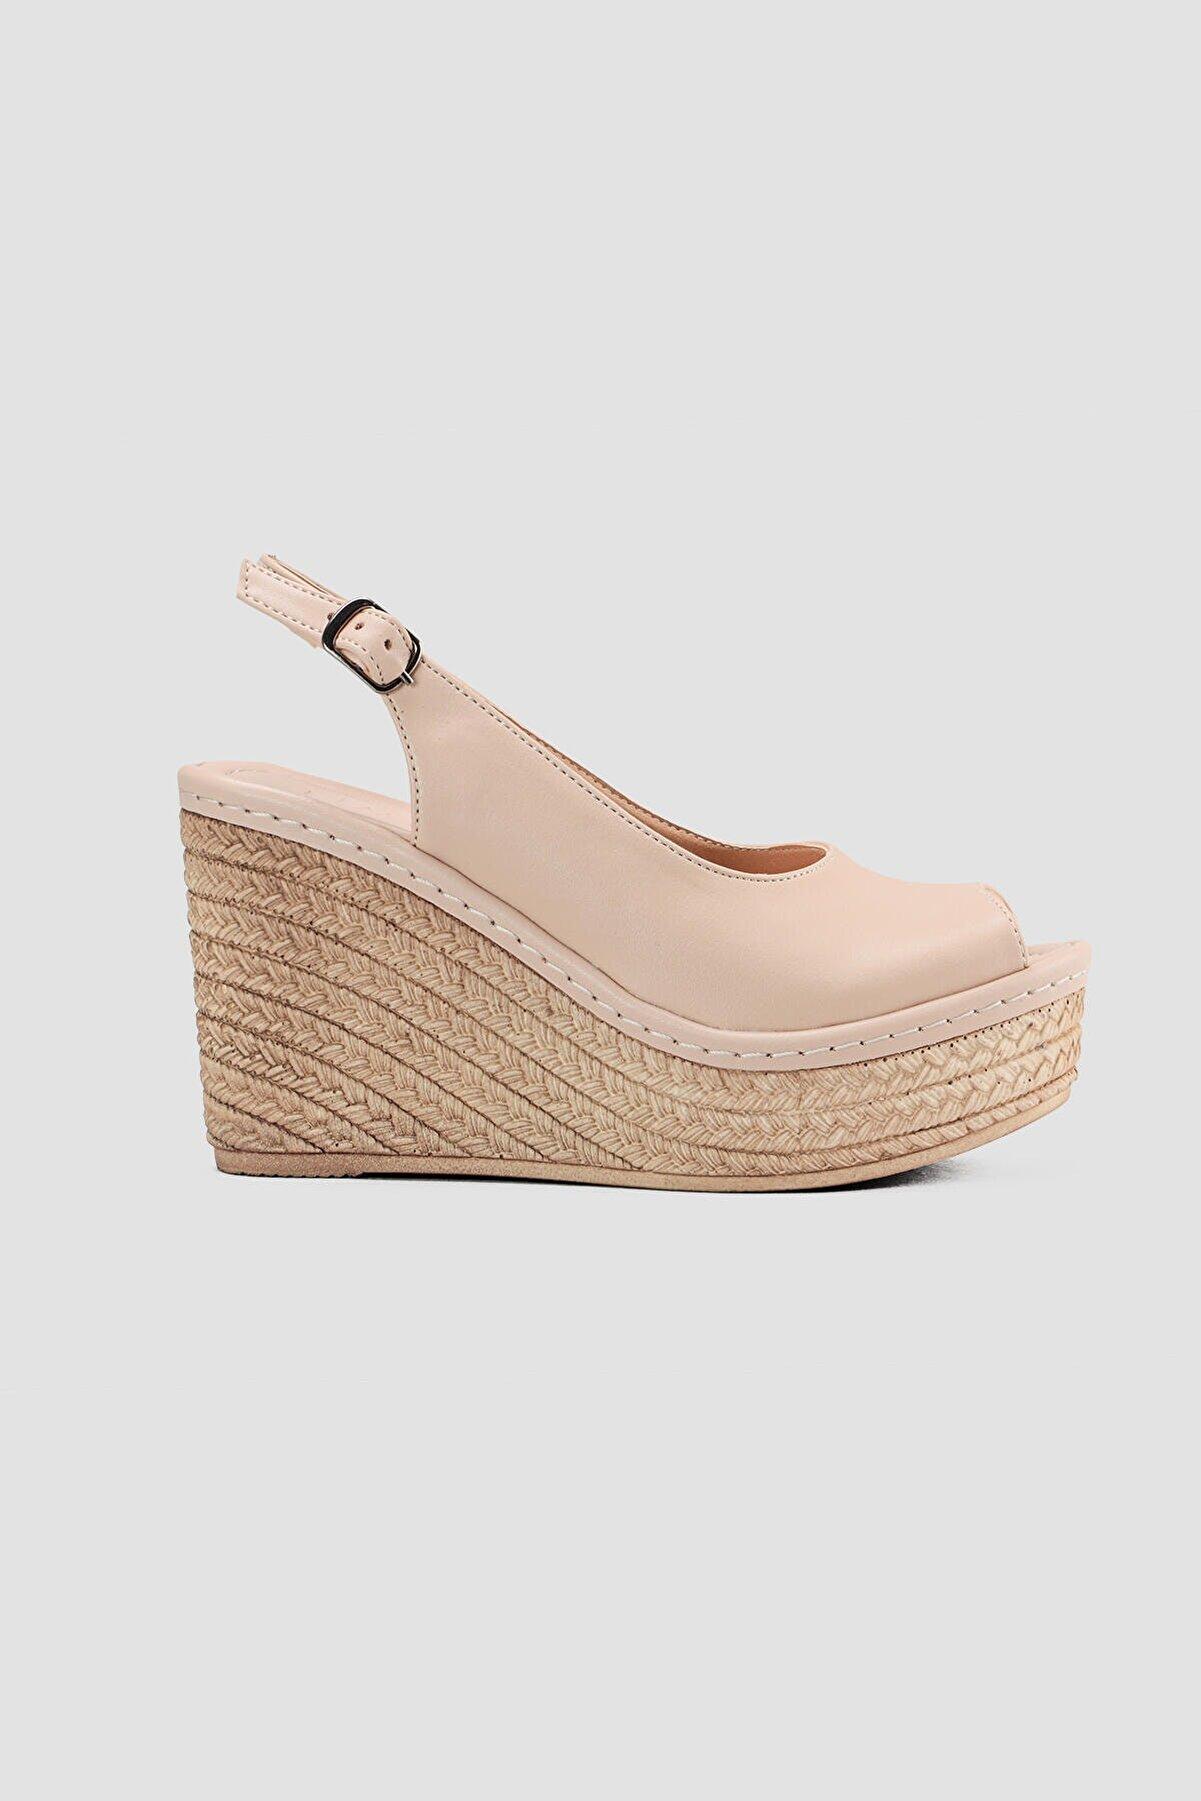 Limoya Kadın  Nud Hasır Taban Detayli Sandalet